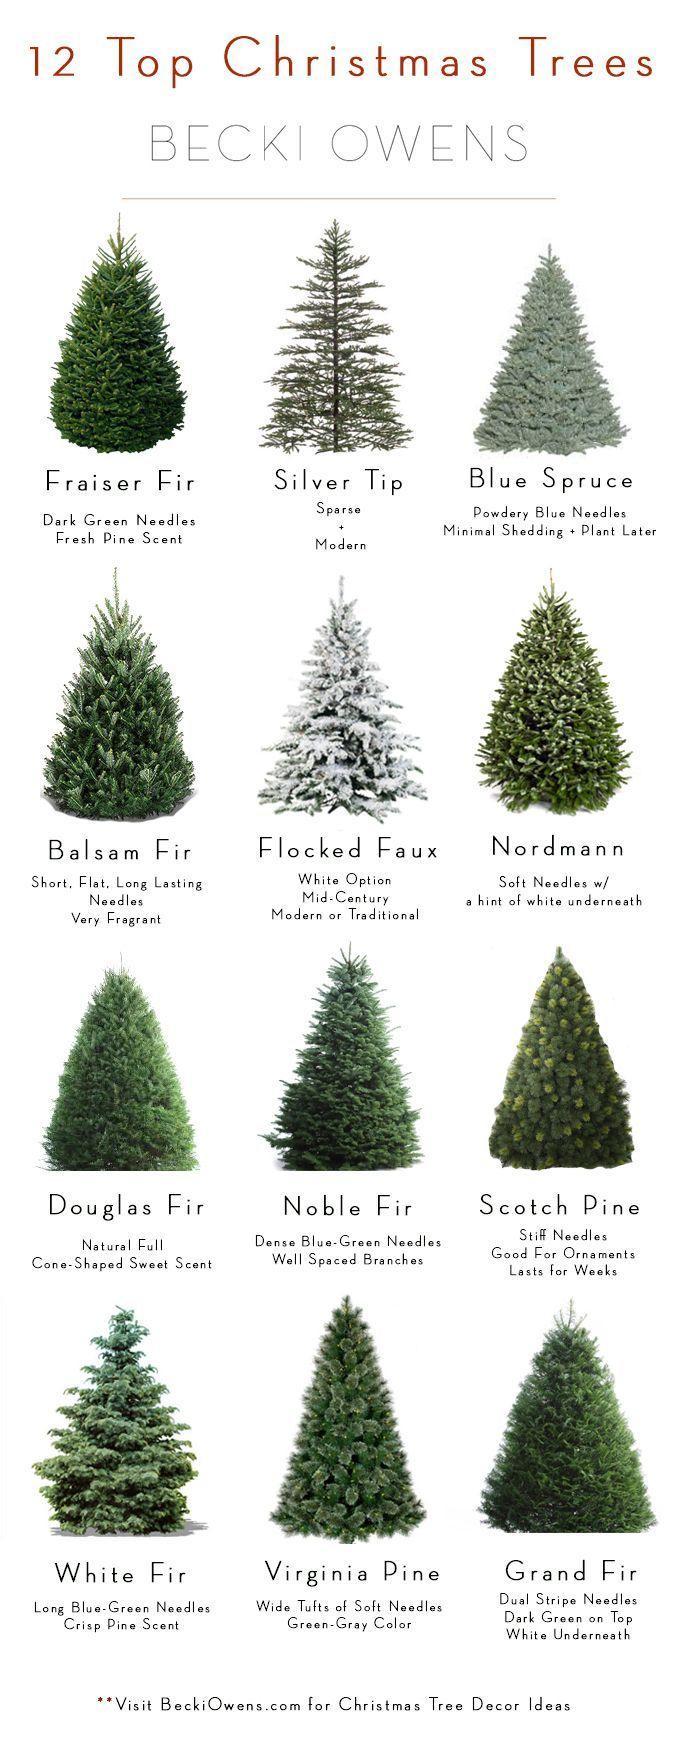 All About Christmas Trees Guide Decoratingbecki Owens Imagenes De Navidad Feliz Navidad Navidad